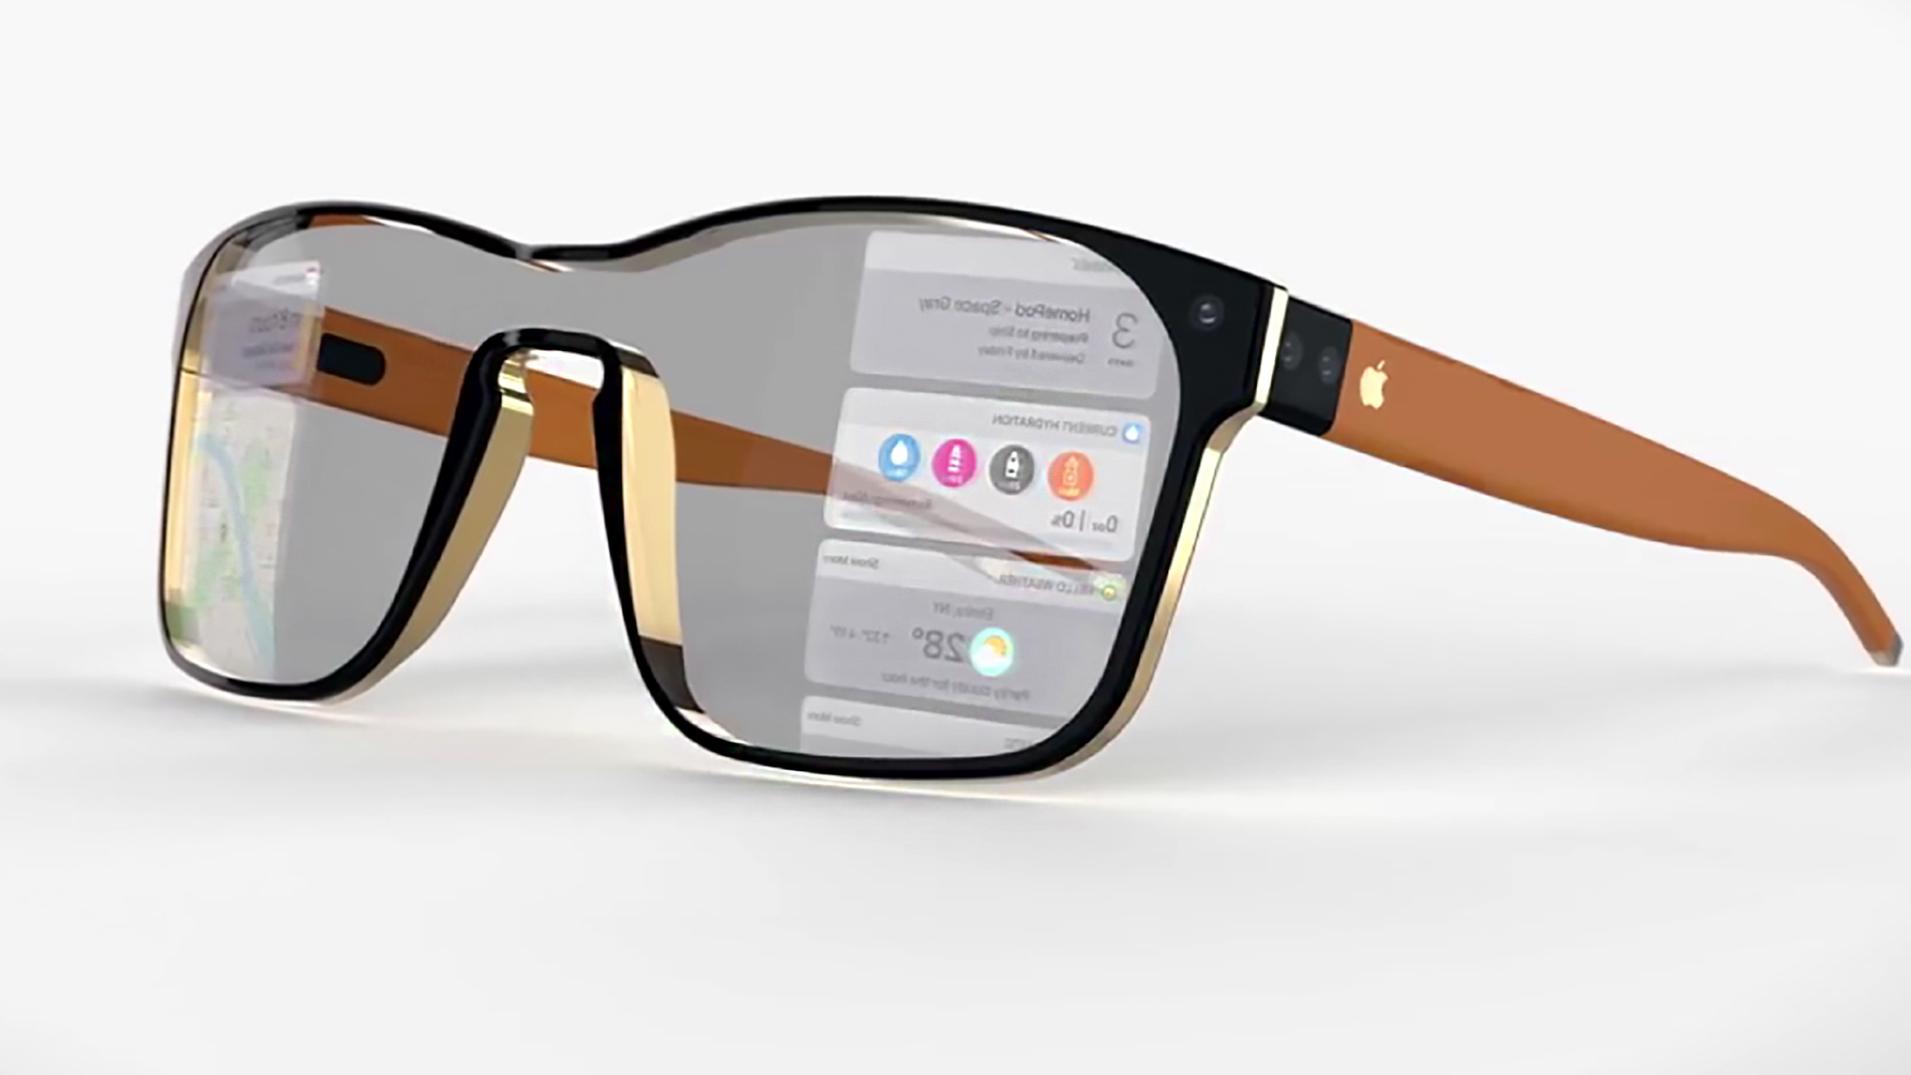 苹果将淘汰iPhone,下一代手机将解放双手,用眼触屏,你怎么看